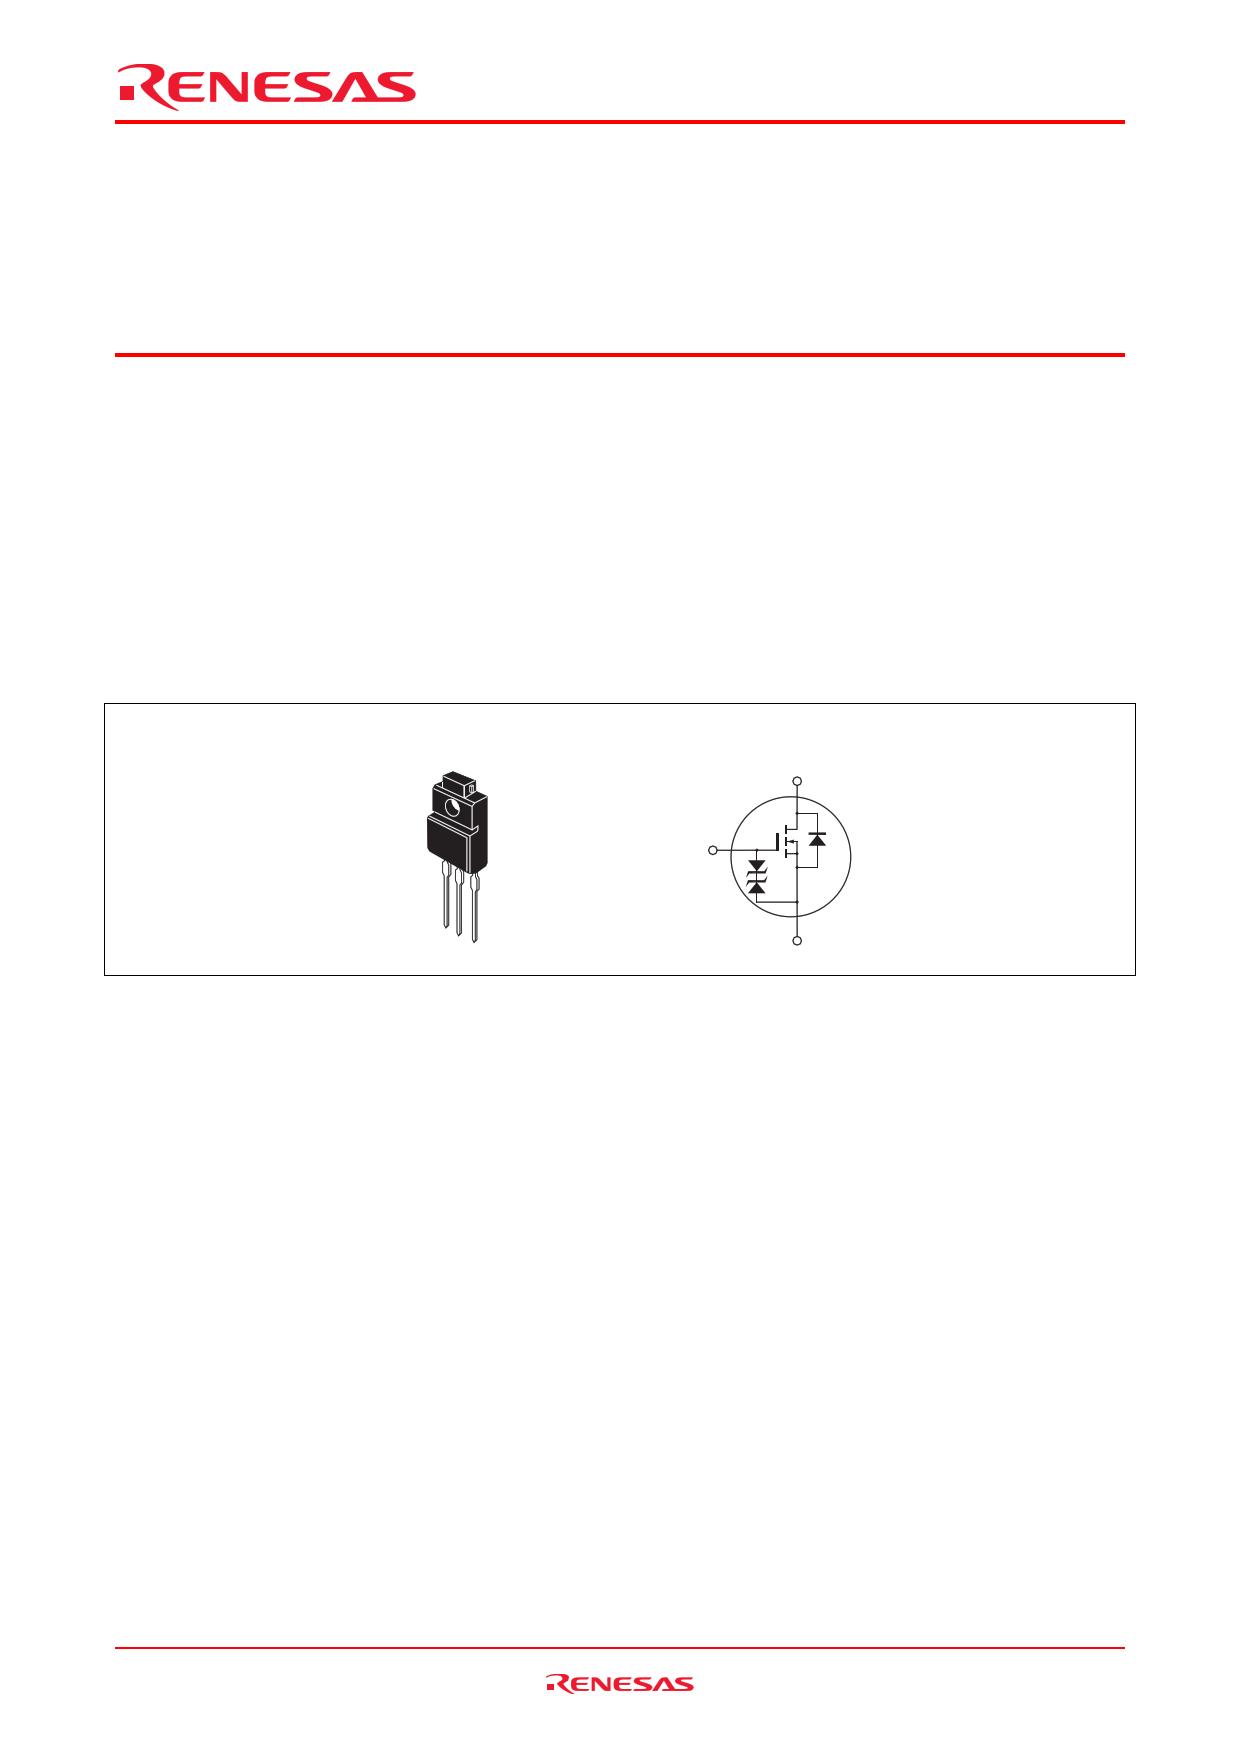 2SK1948 datasheet, circuit